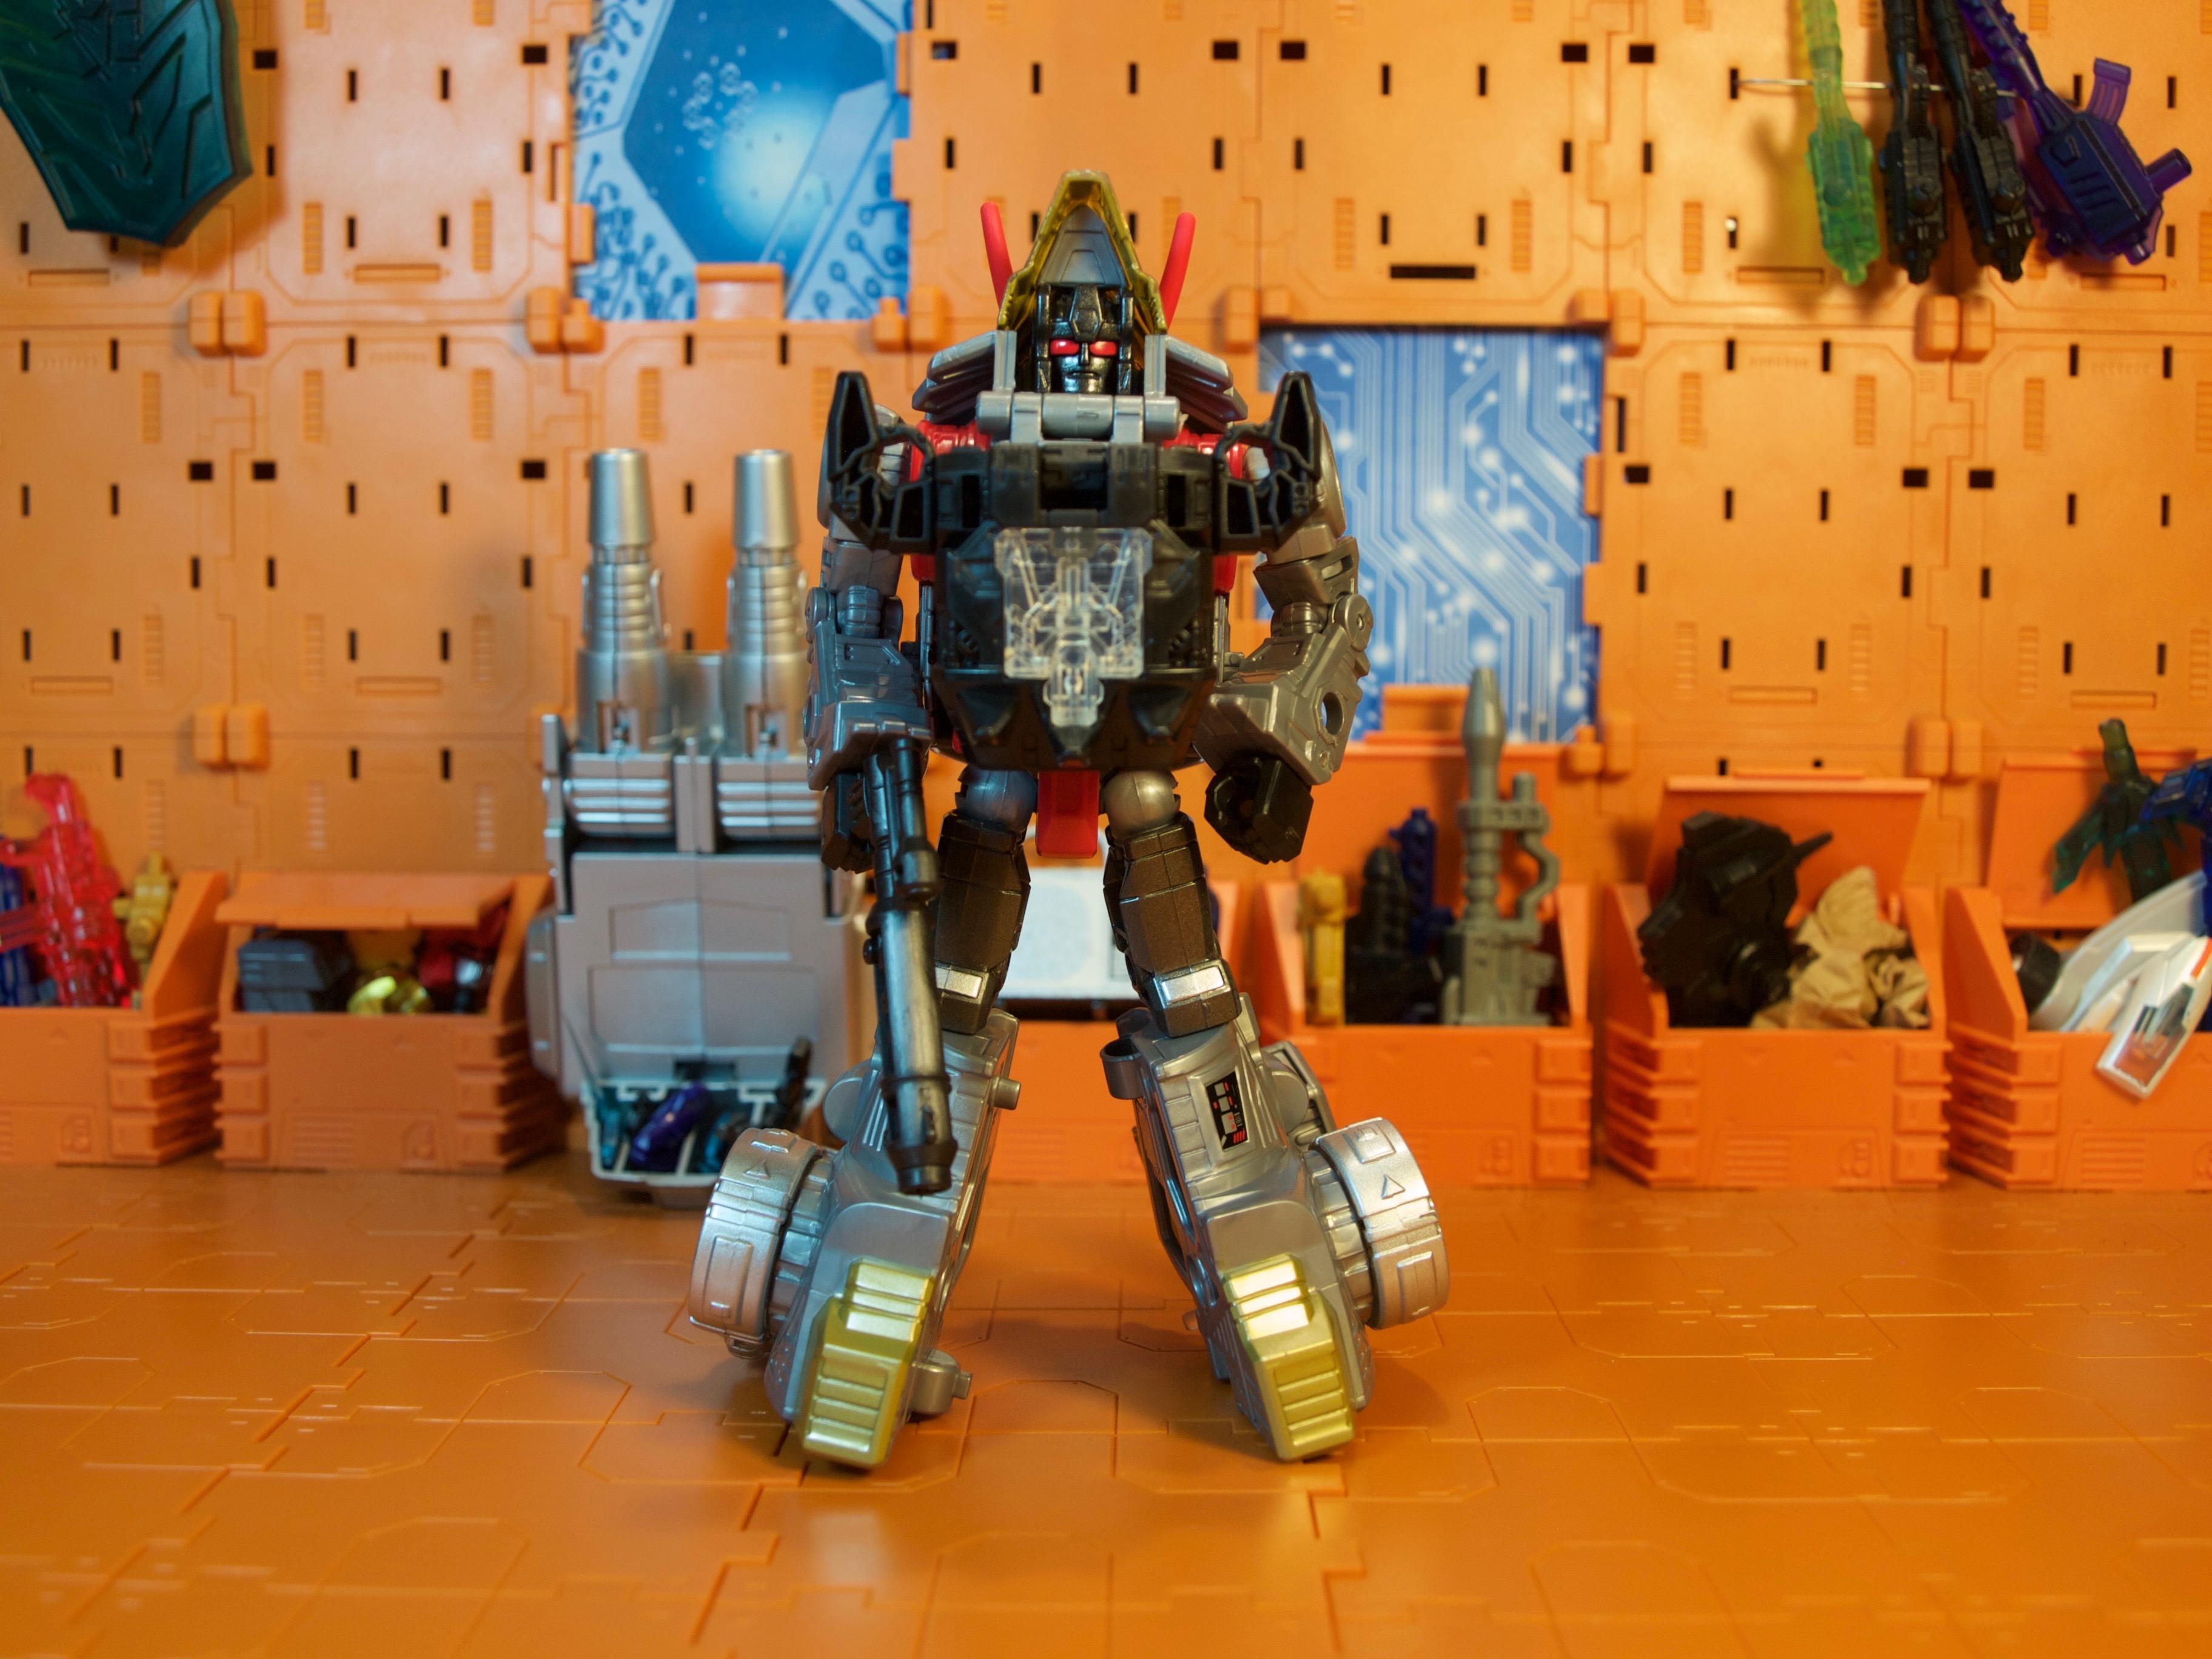 Slug robot armor